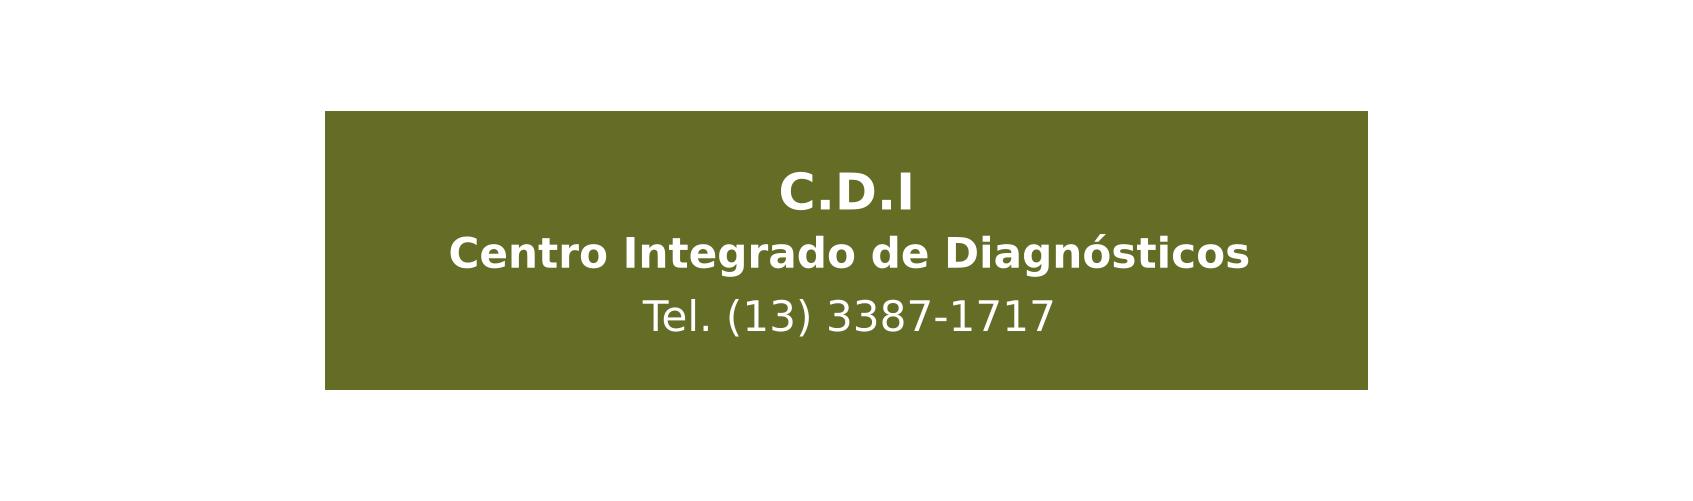 parceiros cdi diagnosticos 170818